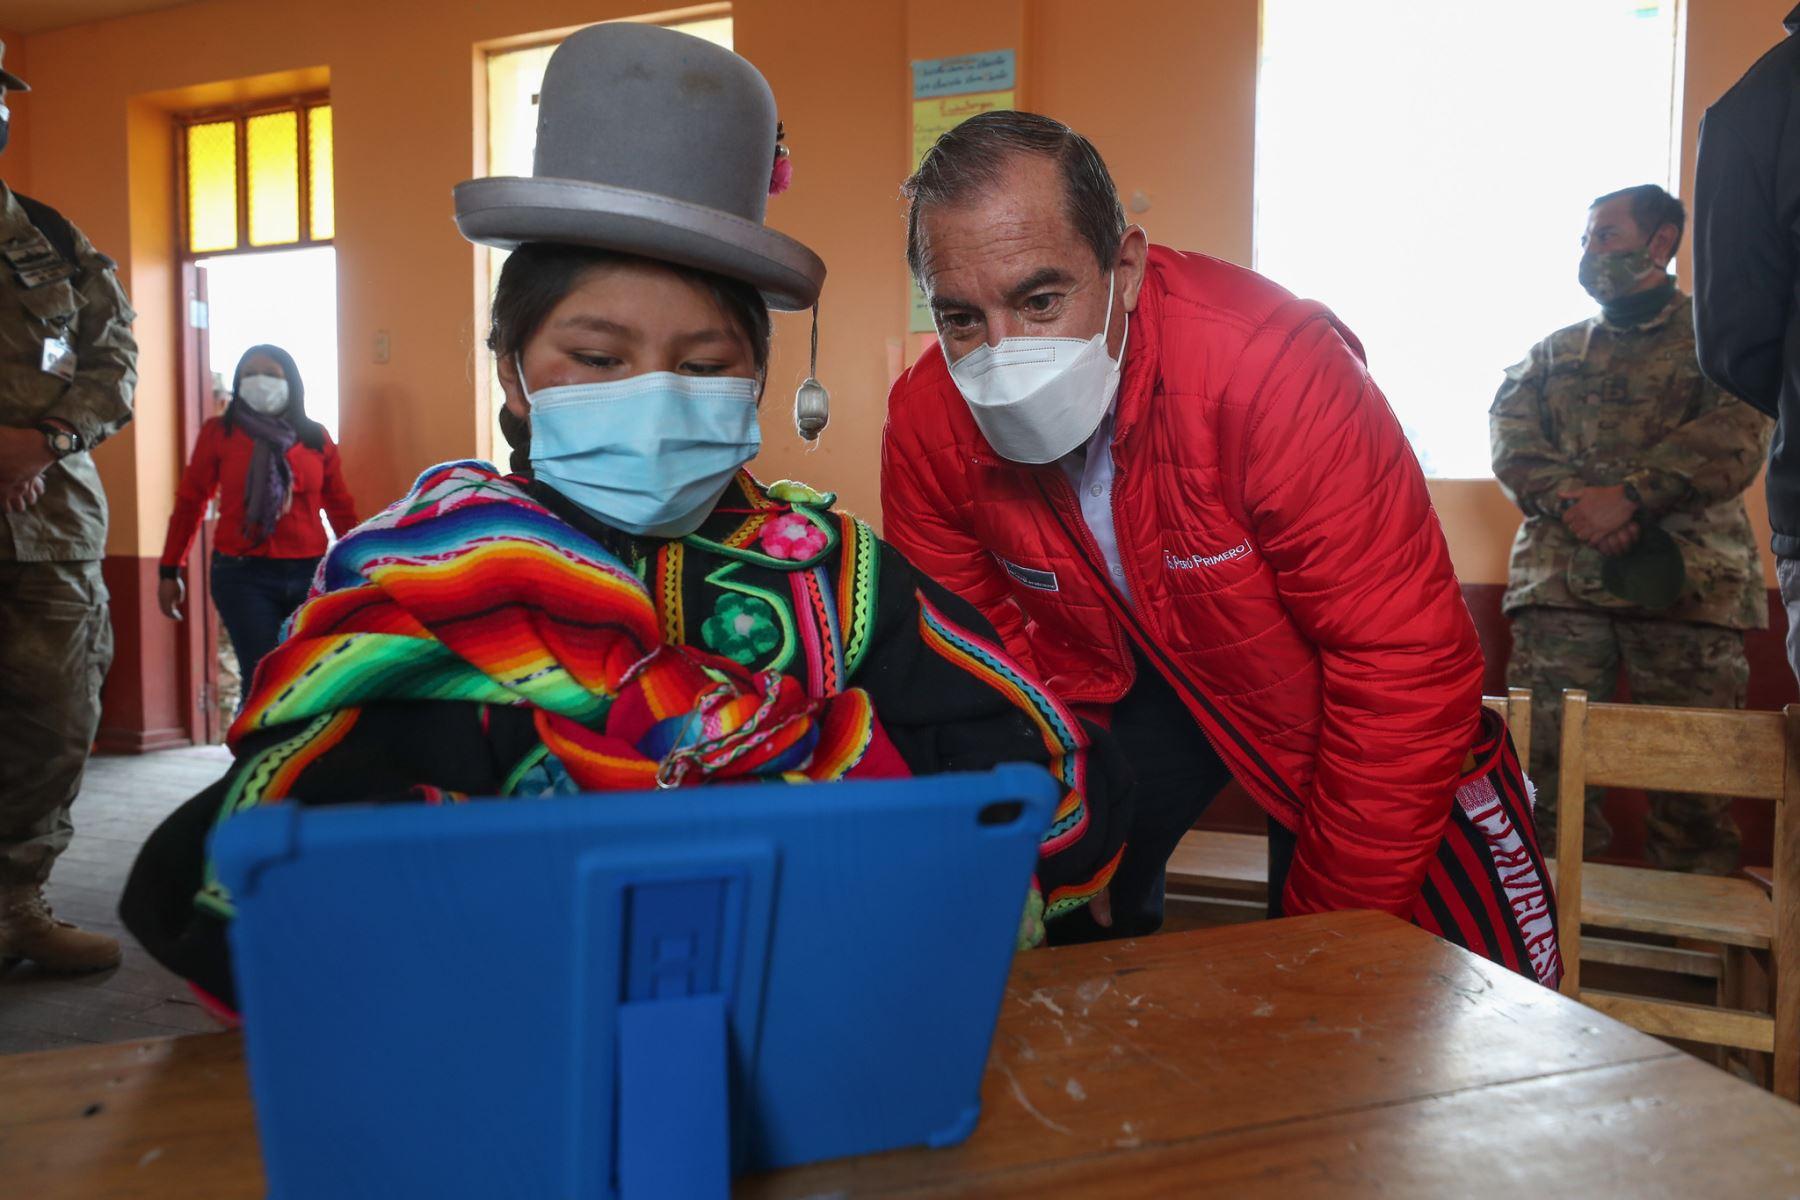 El premier Walter Martos realizó una visita de trabajo a la región Puno junto con el ministro de educación, Martín Benavides donde visitaron a la población y entregaron tabletas a los alumnos. Foto: PCM